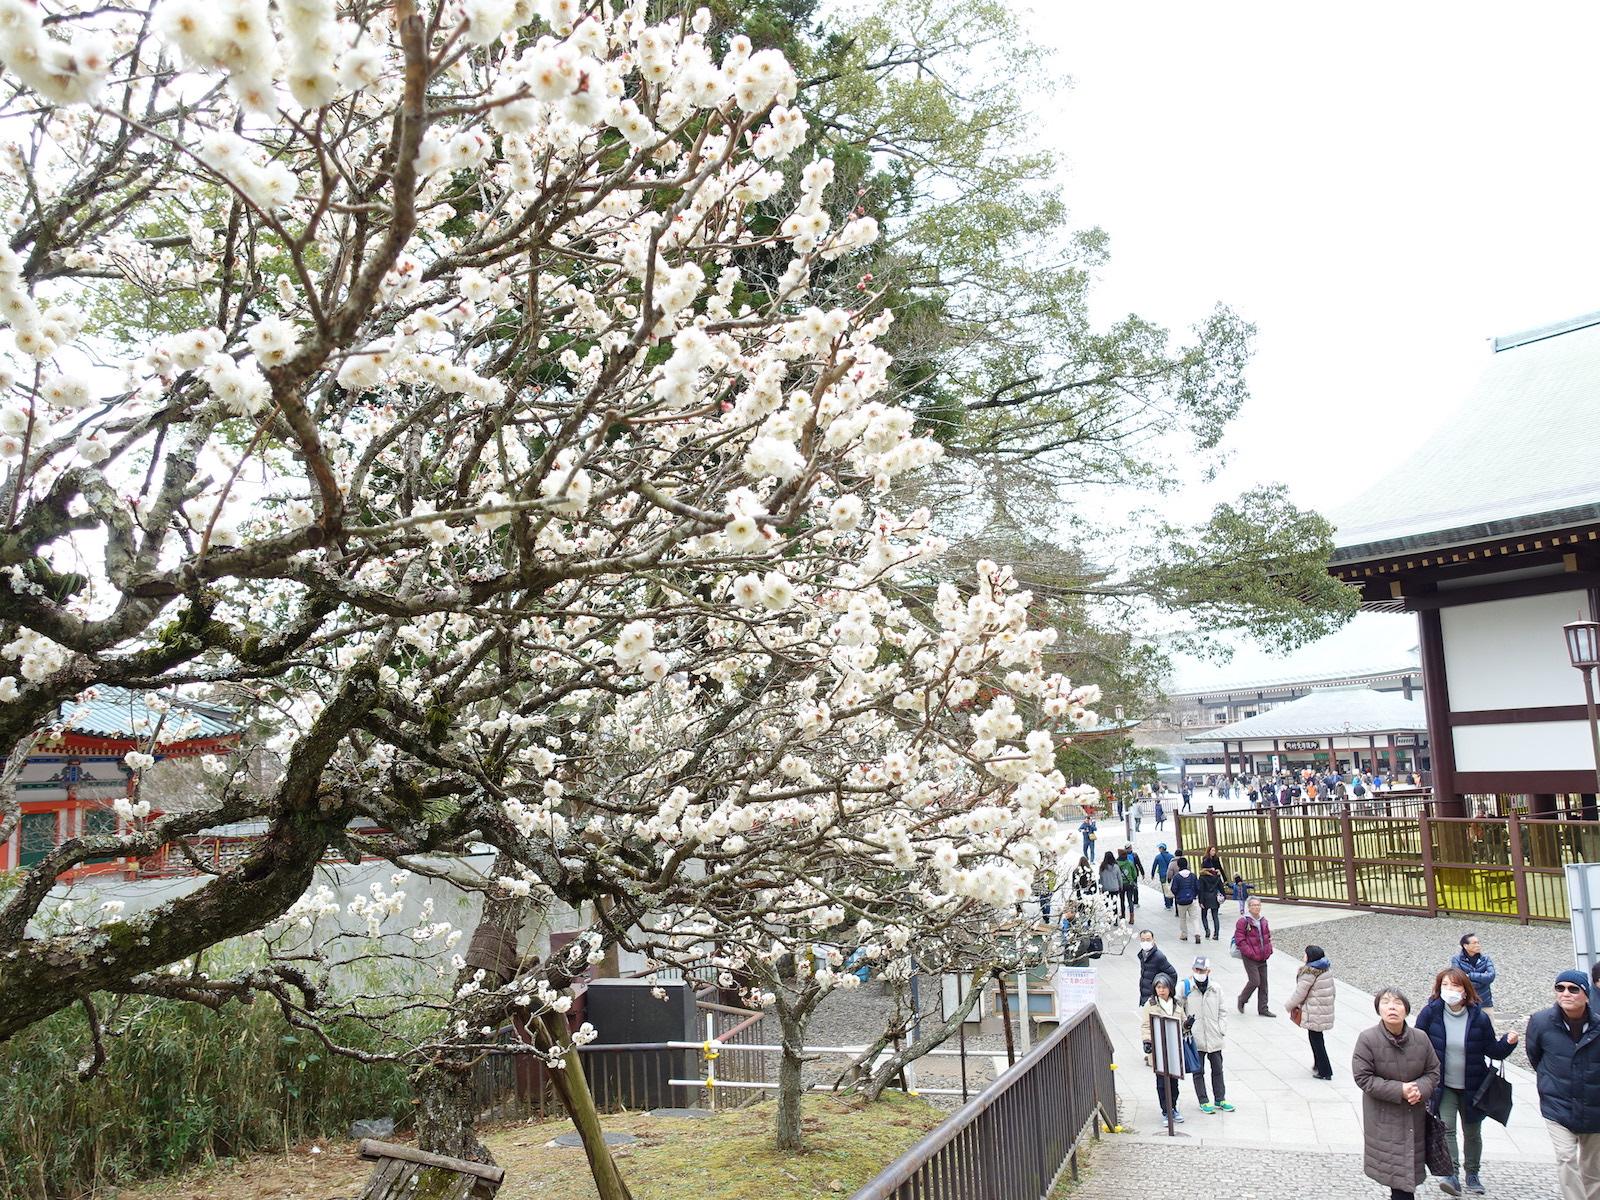 านเทศกาลบ๊วยจะจัดที่นาริตะซังซึ่งเป็นสถานที่ท่องเที่ยวที่มีชื่อเสียง